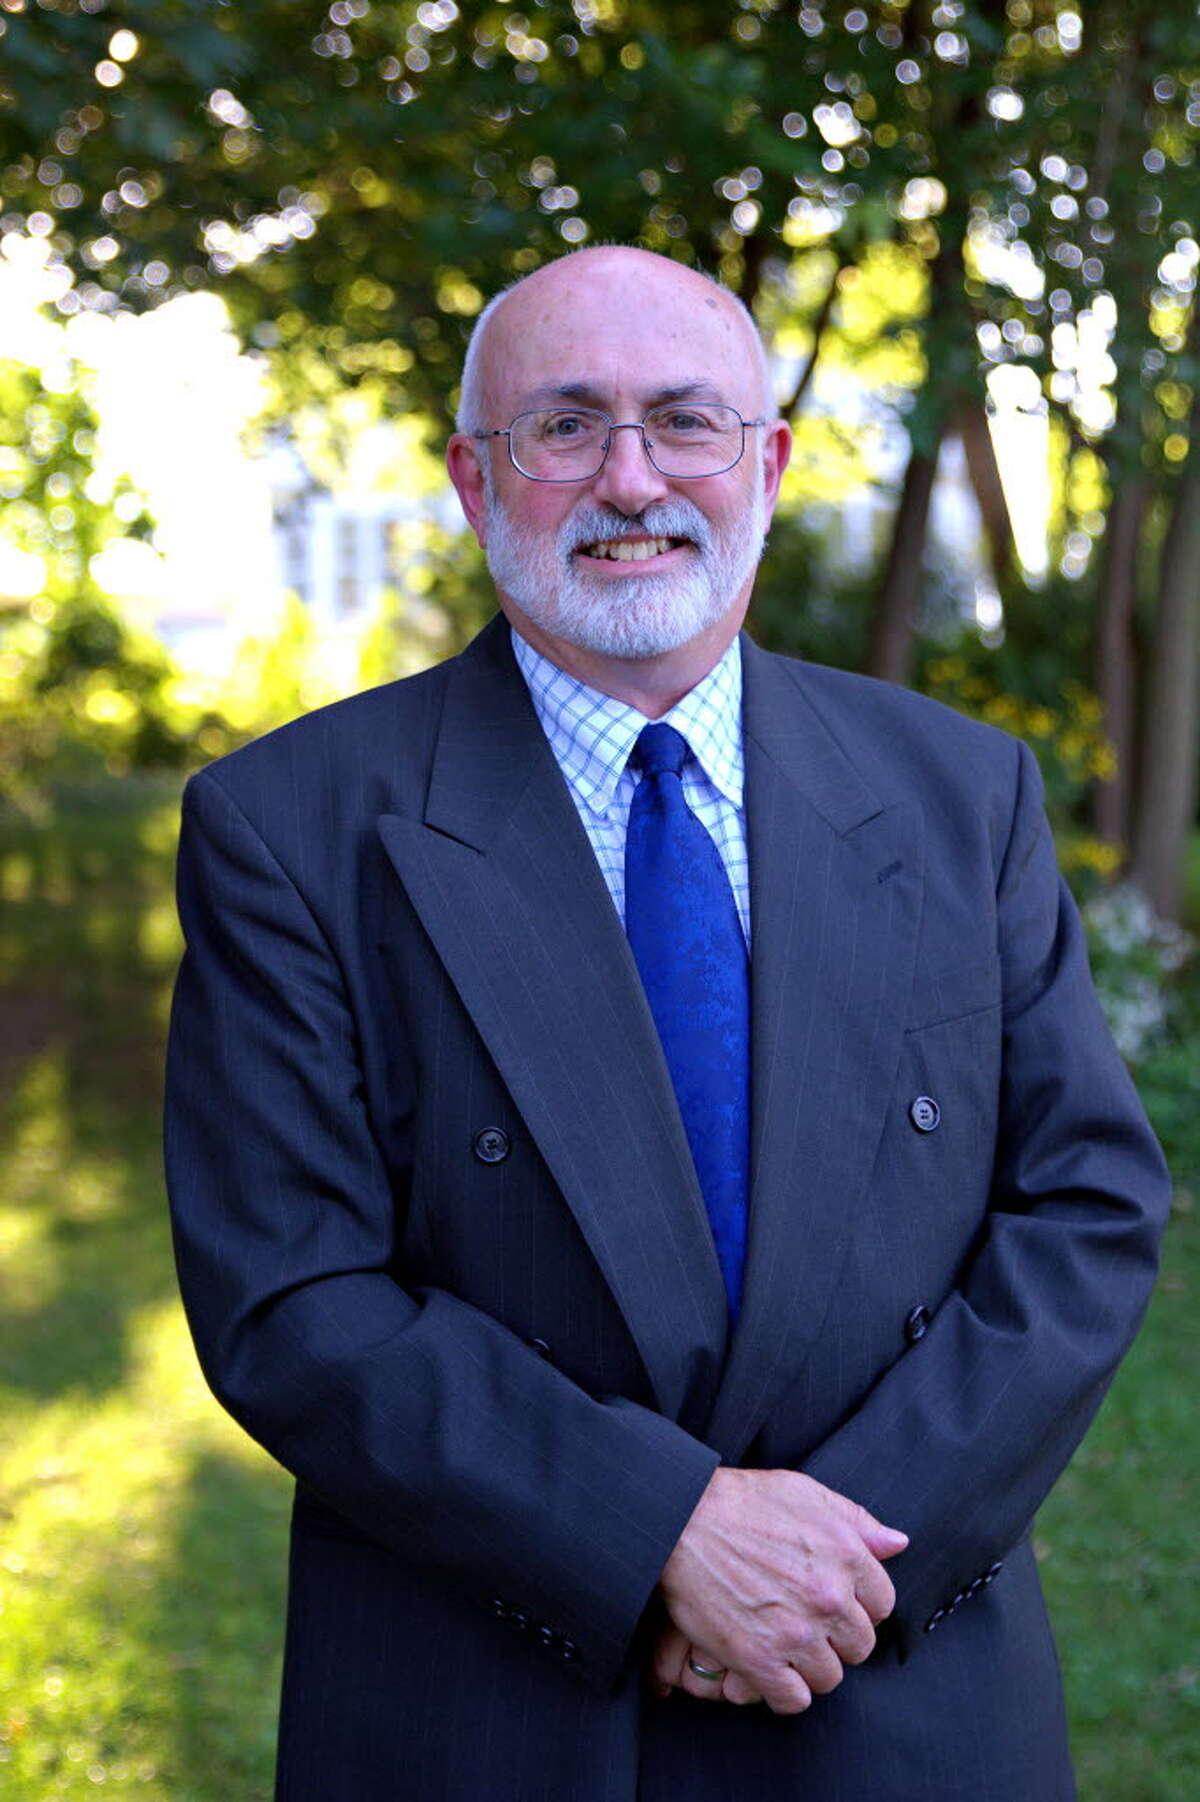 Philip Crandall